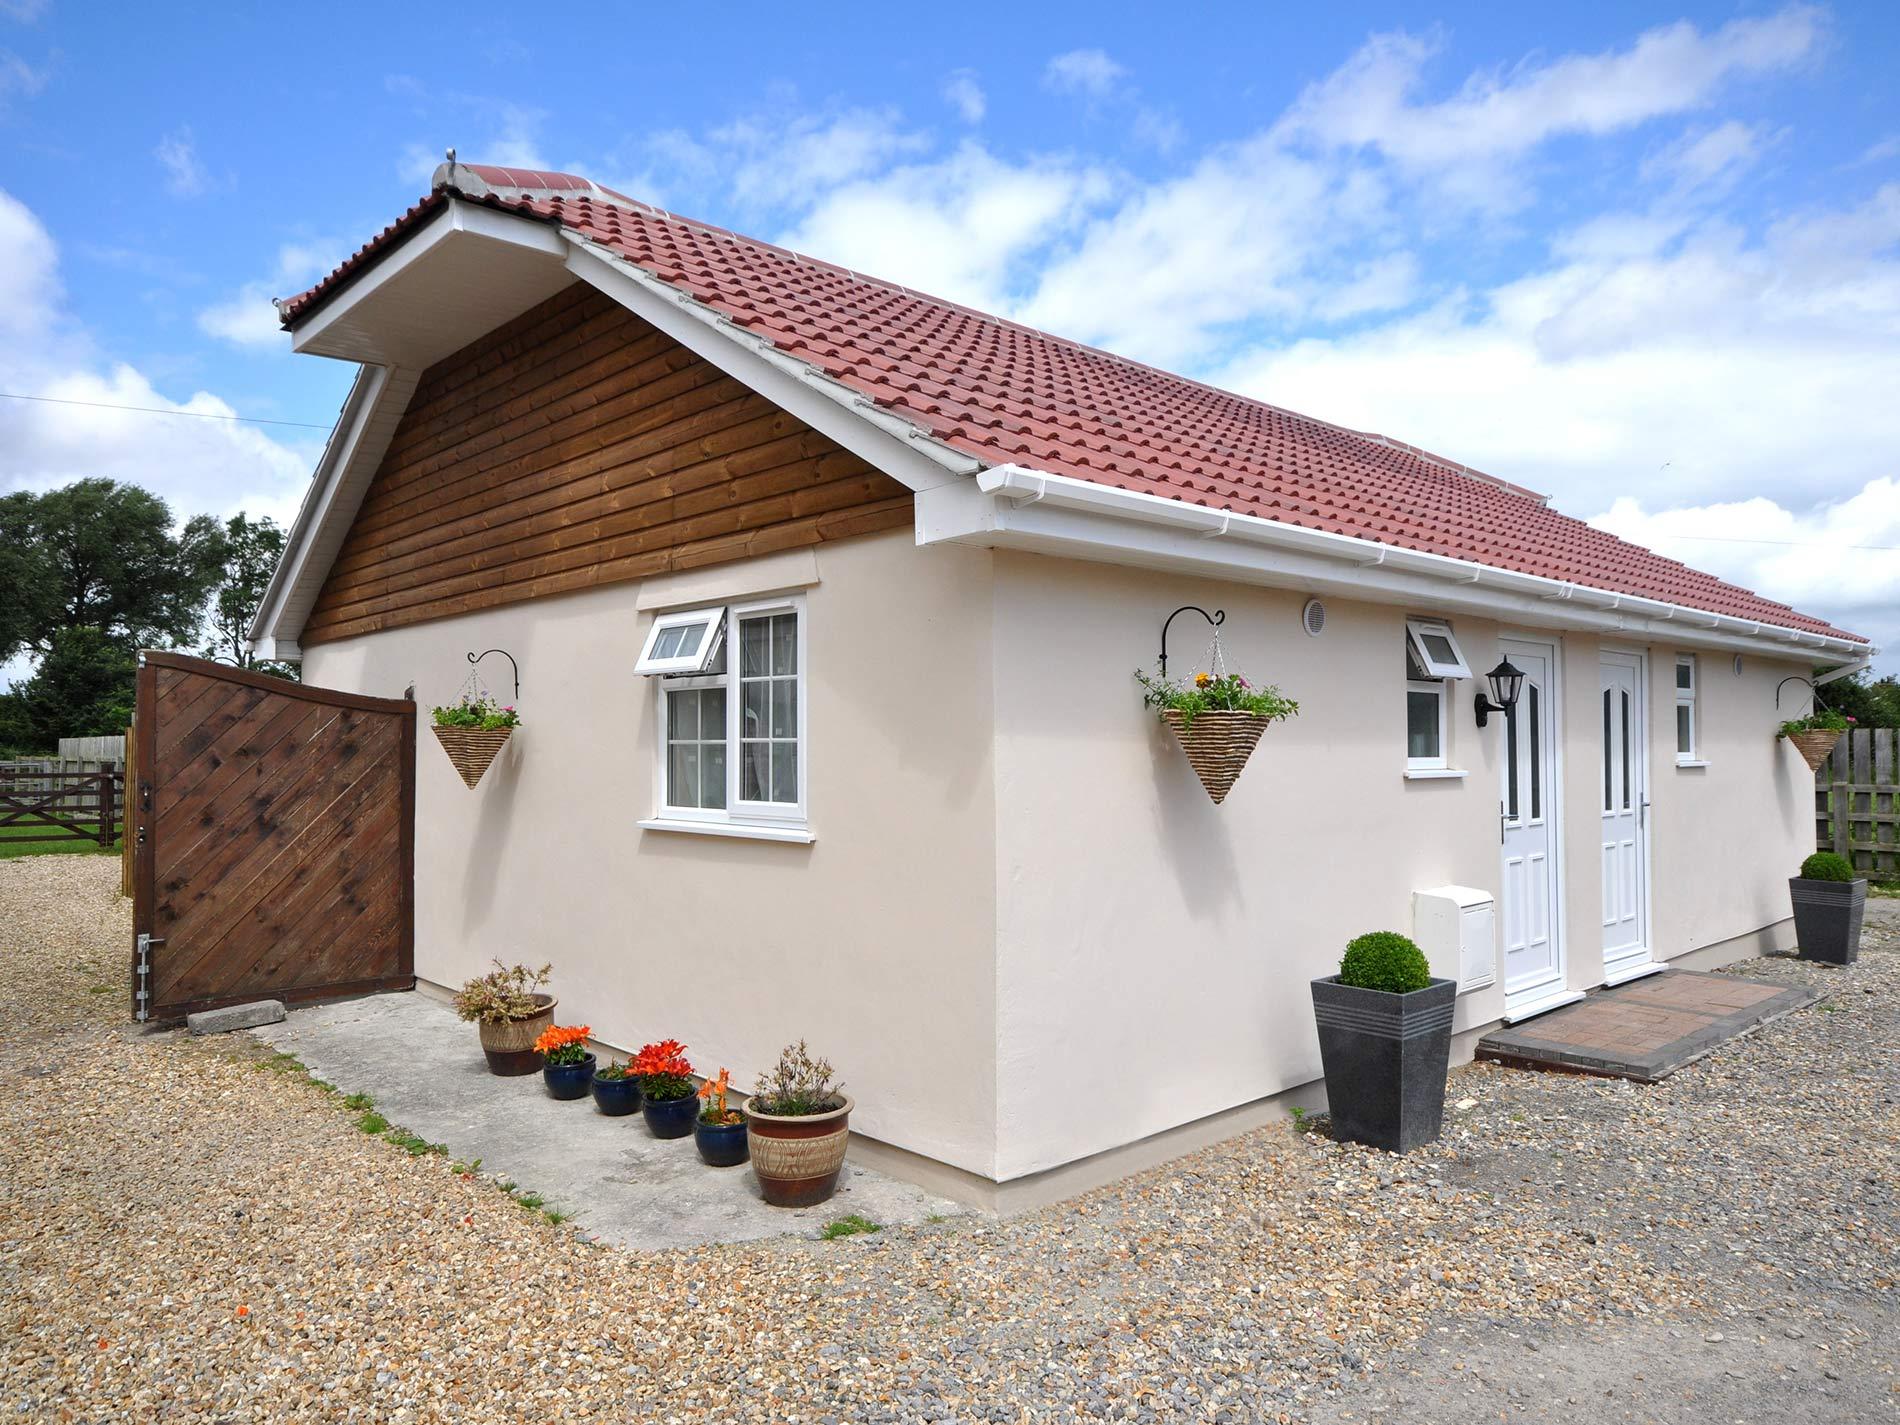 Ferienhaus in Burnham-on-Sea